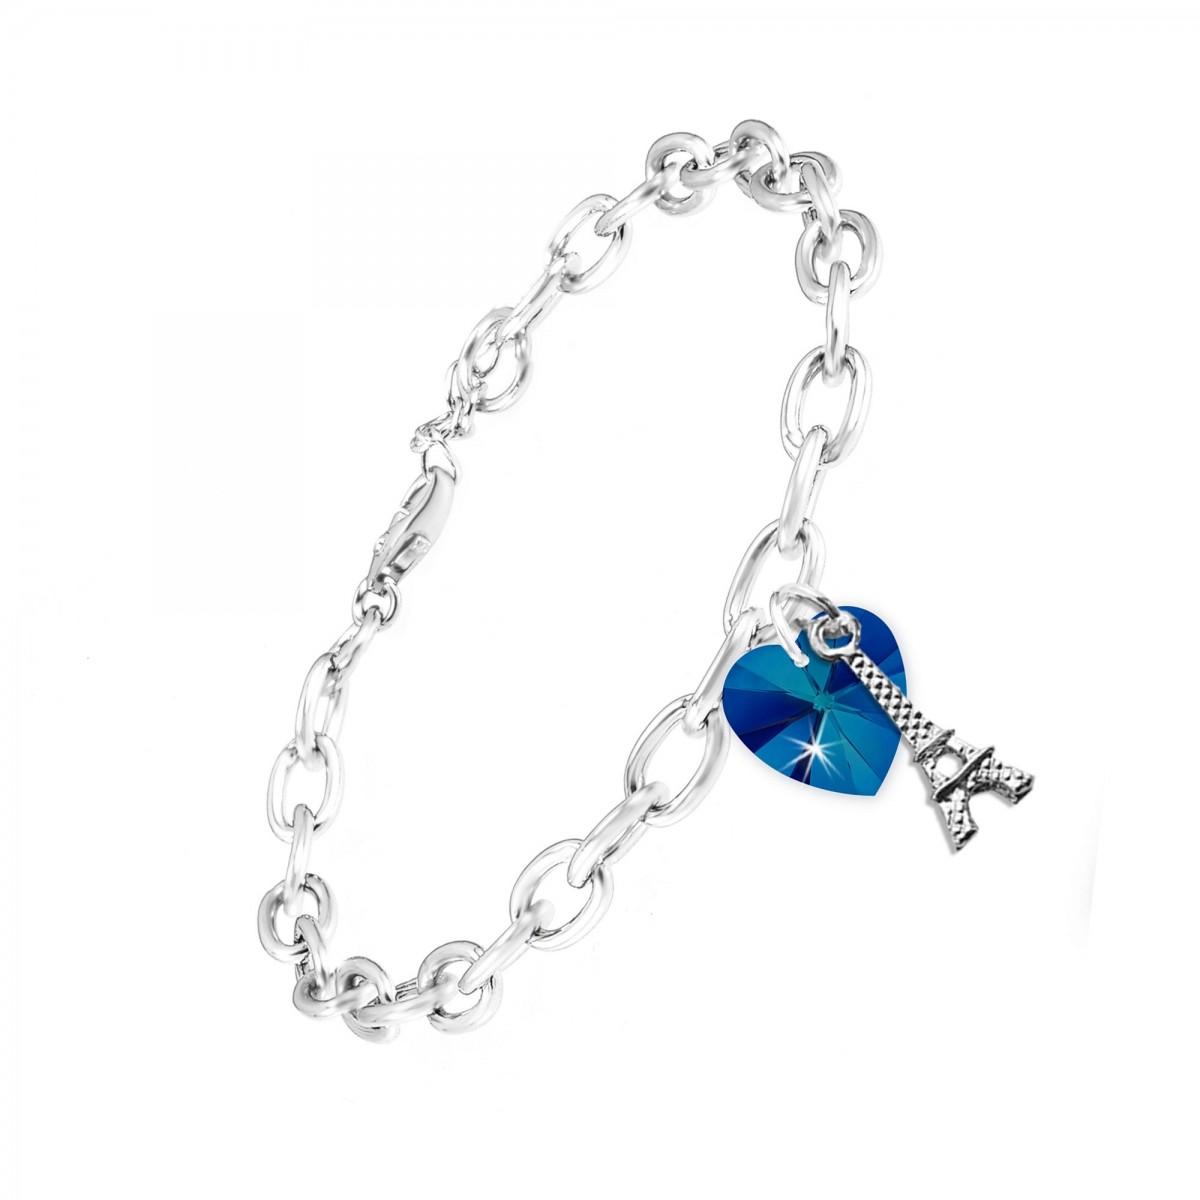 bracelet coeur bleu et tour eiffel so charm orn de cristaux swarovski. Black Bedroom Furniture Sets. Home Design Ideas